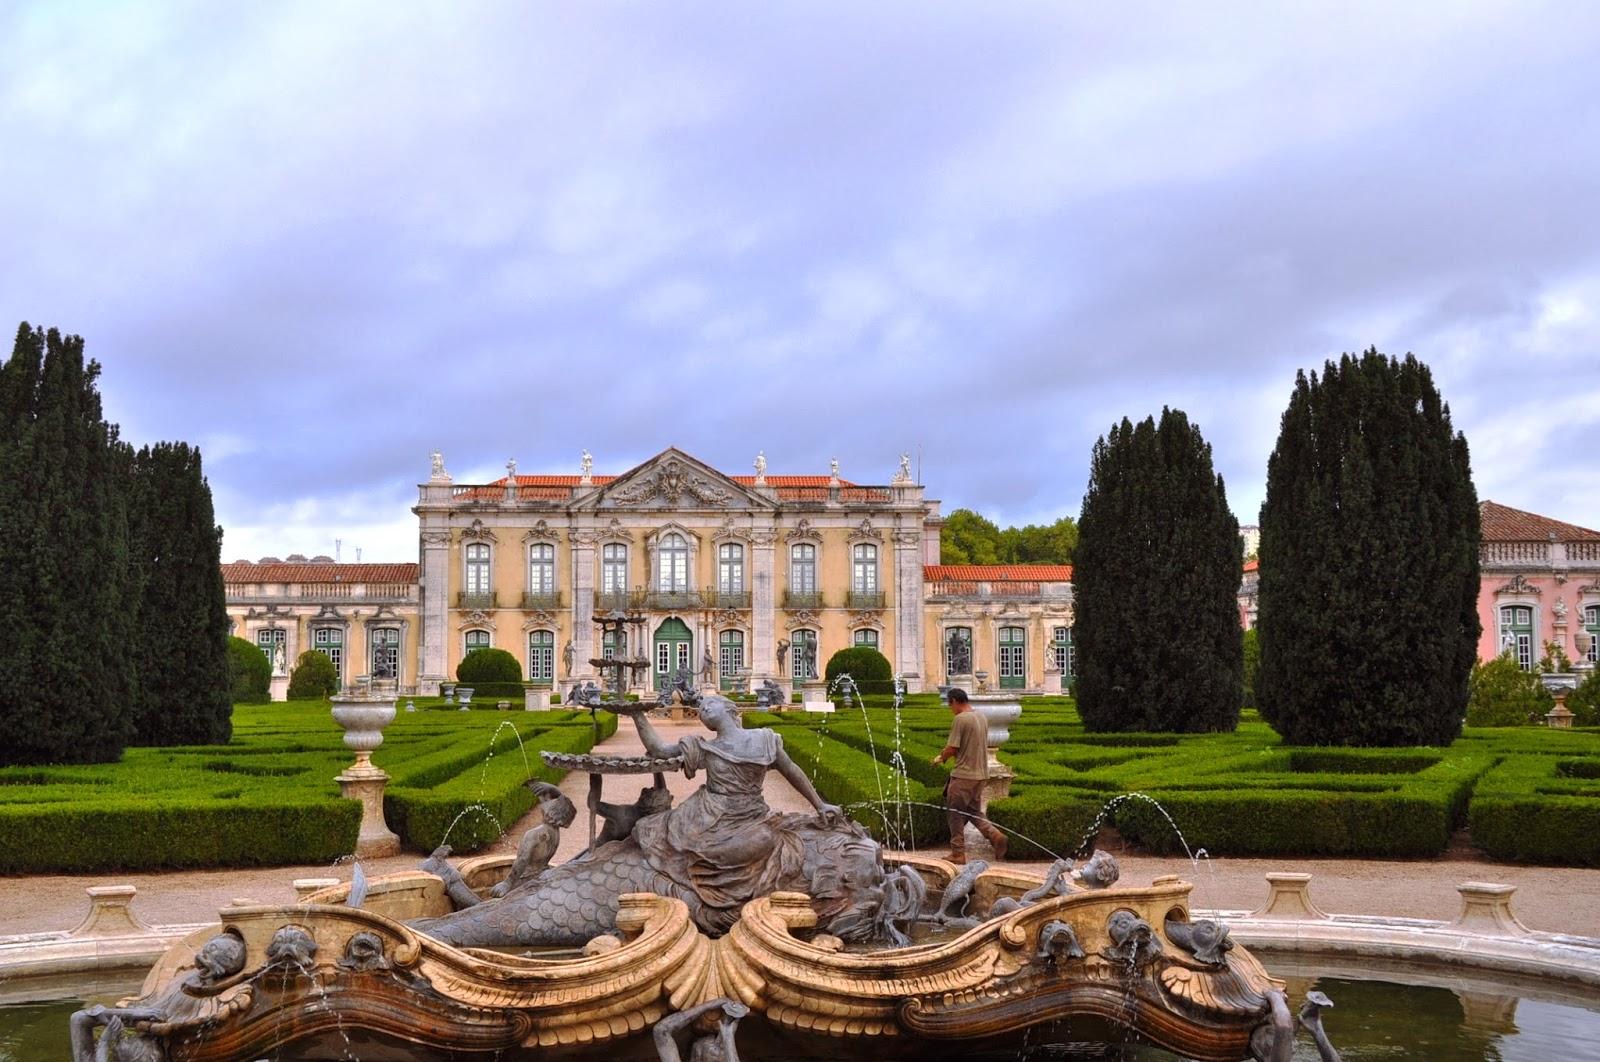 Дворецът в градчето Кейлуж край Лисабон е сред архитектурните гордости  на Португалия. Първоначално това било детската градина на португалския двор, където се захвърляли по-малките отрочета, изтърсаците и извънбрачните деца на кралете и придворните. Според екскурзоводката ни, никой не се занимавал с възпитанието и образованието им и те растяли диви, некъпани и невежи. Докато един ден крал Педро де Браганса решил да облагоусрои това местенце и да го превърне в лусозна лятна резиденция. Какво се е случило с дечицата, така и не разбрахме.